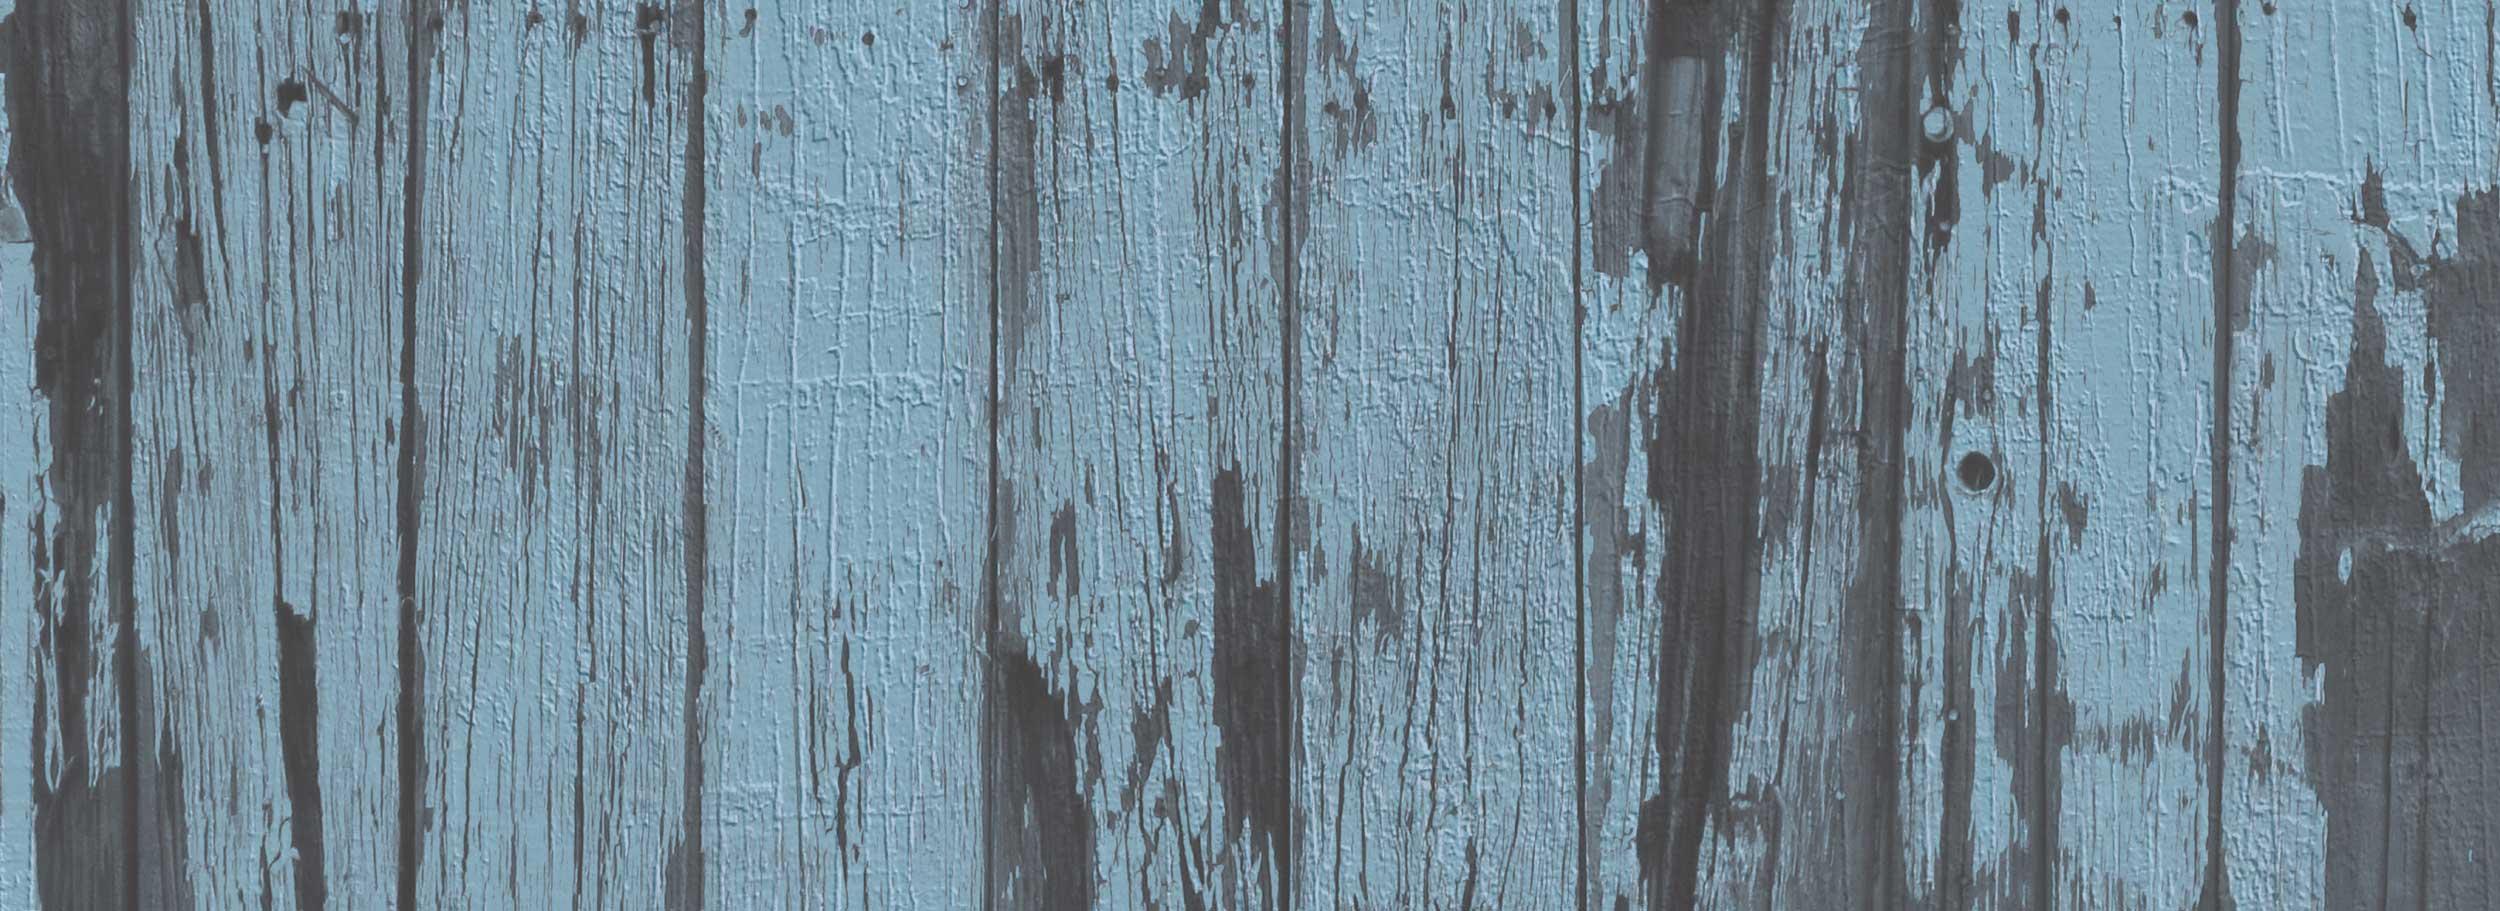 slide_wood_bg5